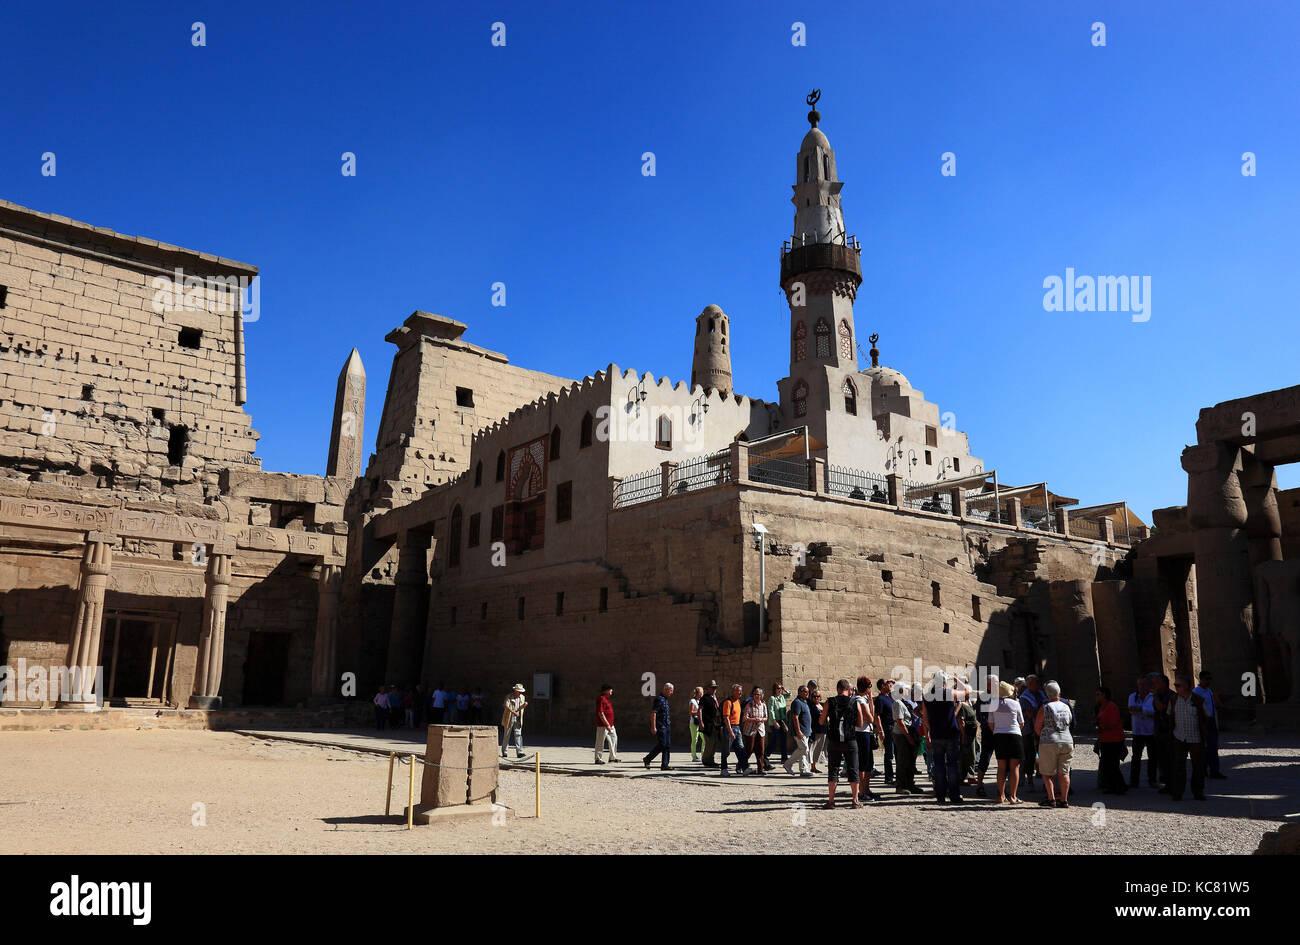 Le temple de Louxor de la mosquée Abou el-haggag, Afrique, la haute Égypte, l'UNESCO patrimoine mondial Photo Stock